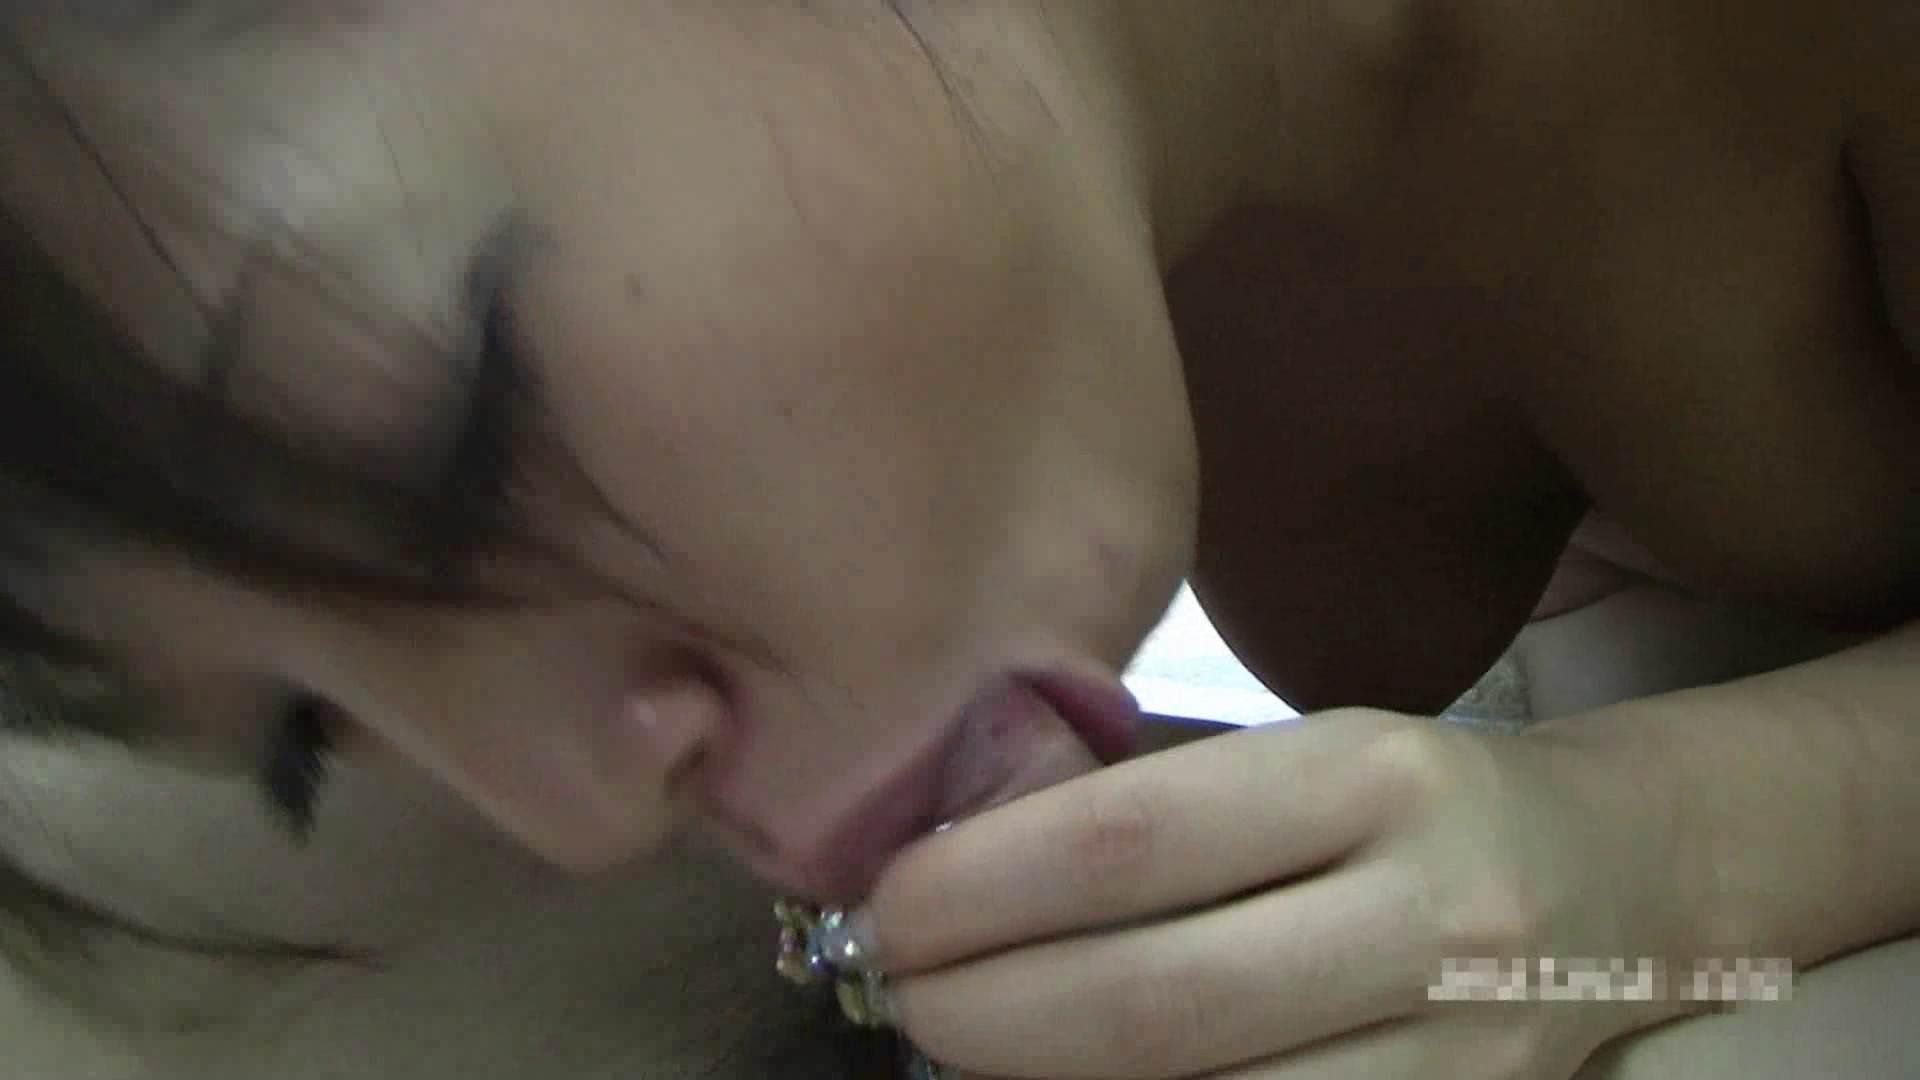 デリへル嬢のみかちゃん23歳vol.4 OL裸体   ギャルの乳首  110画像 52